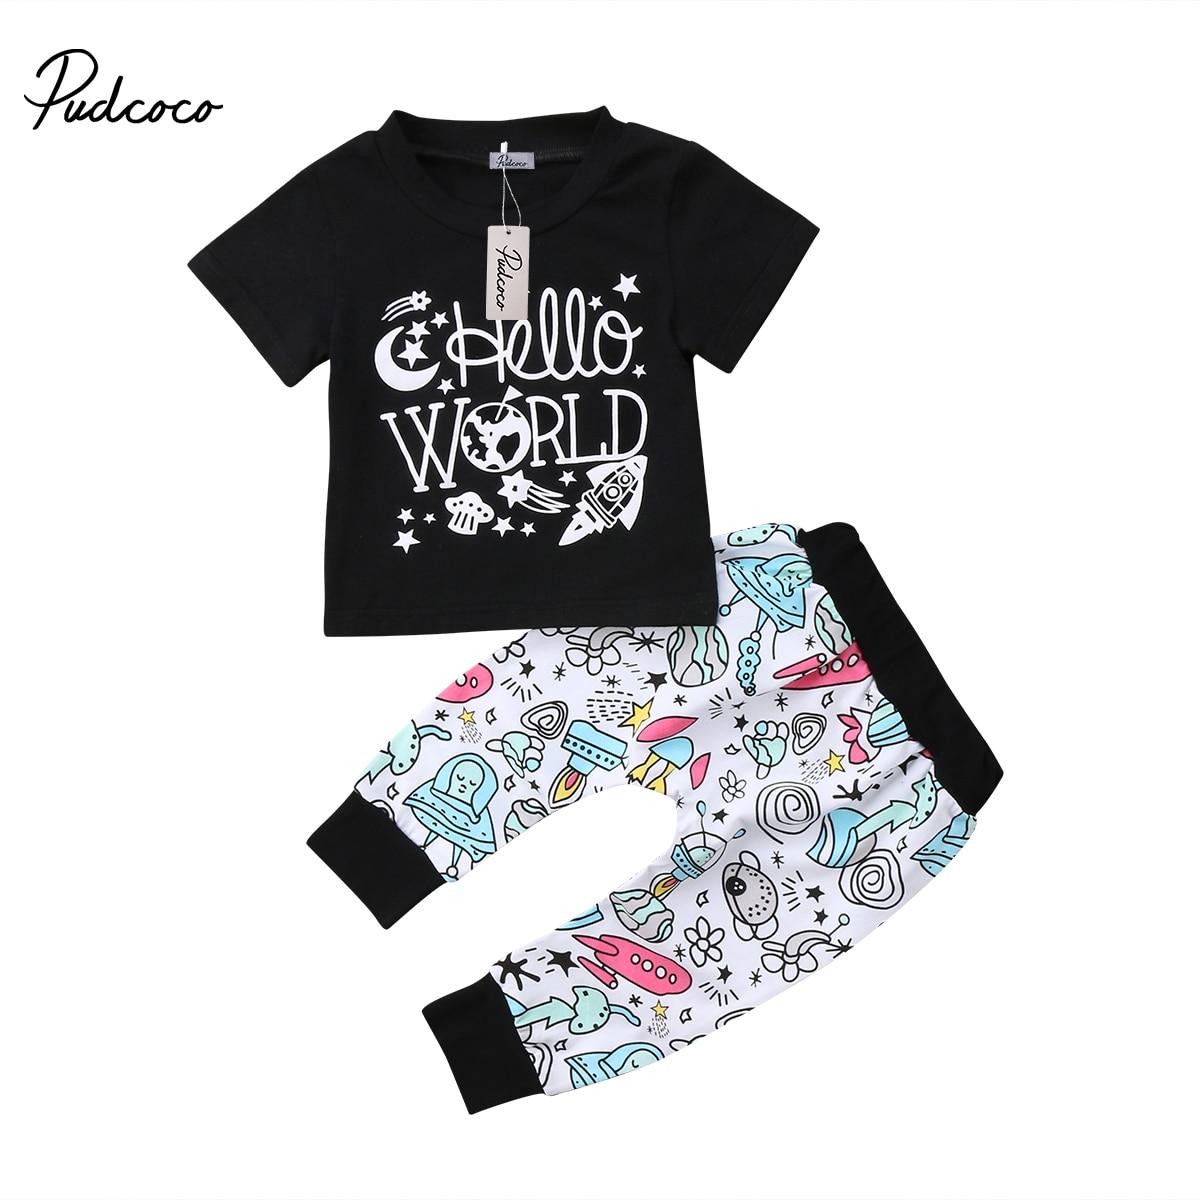 2pcs Newborn Infant Baby Boys Rabbit Outfit T-shirt Tops+Pants Clothes Set 0-24M